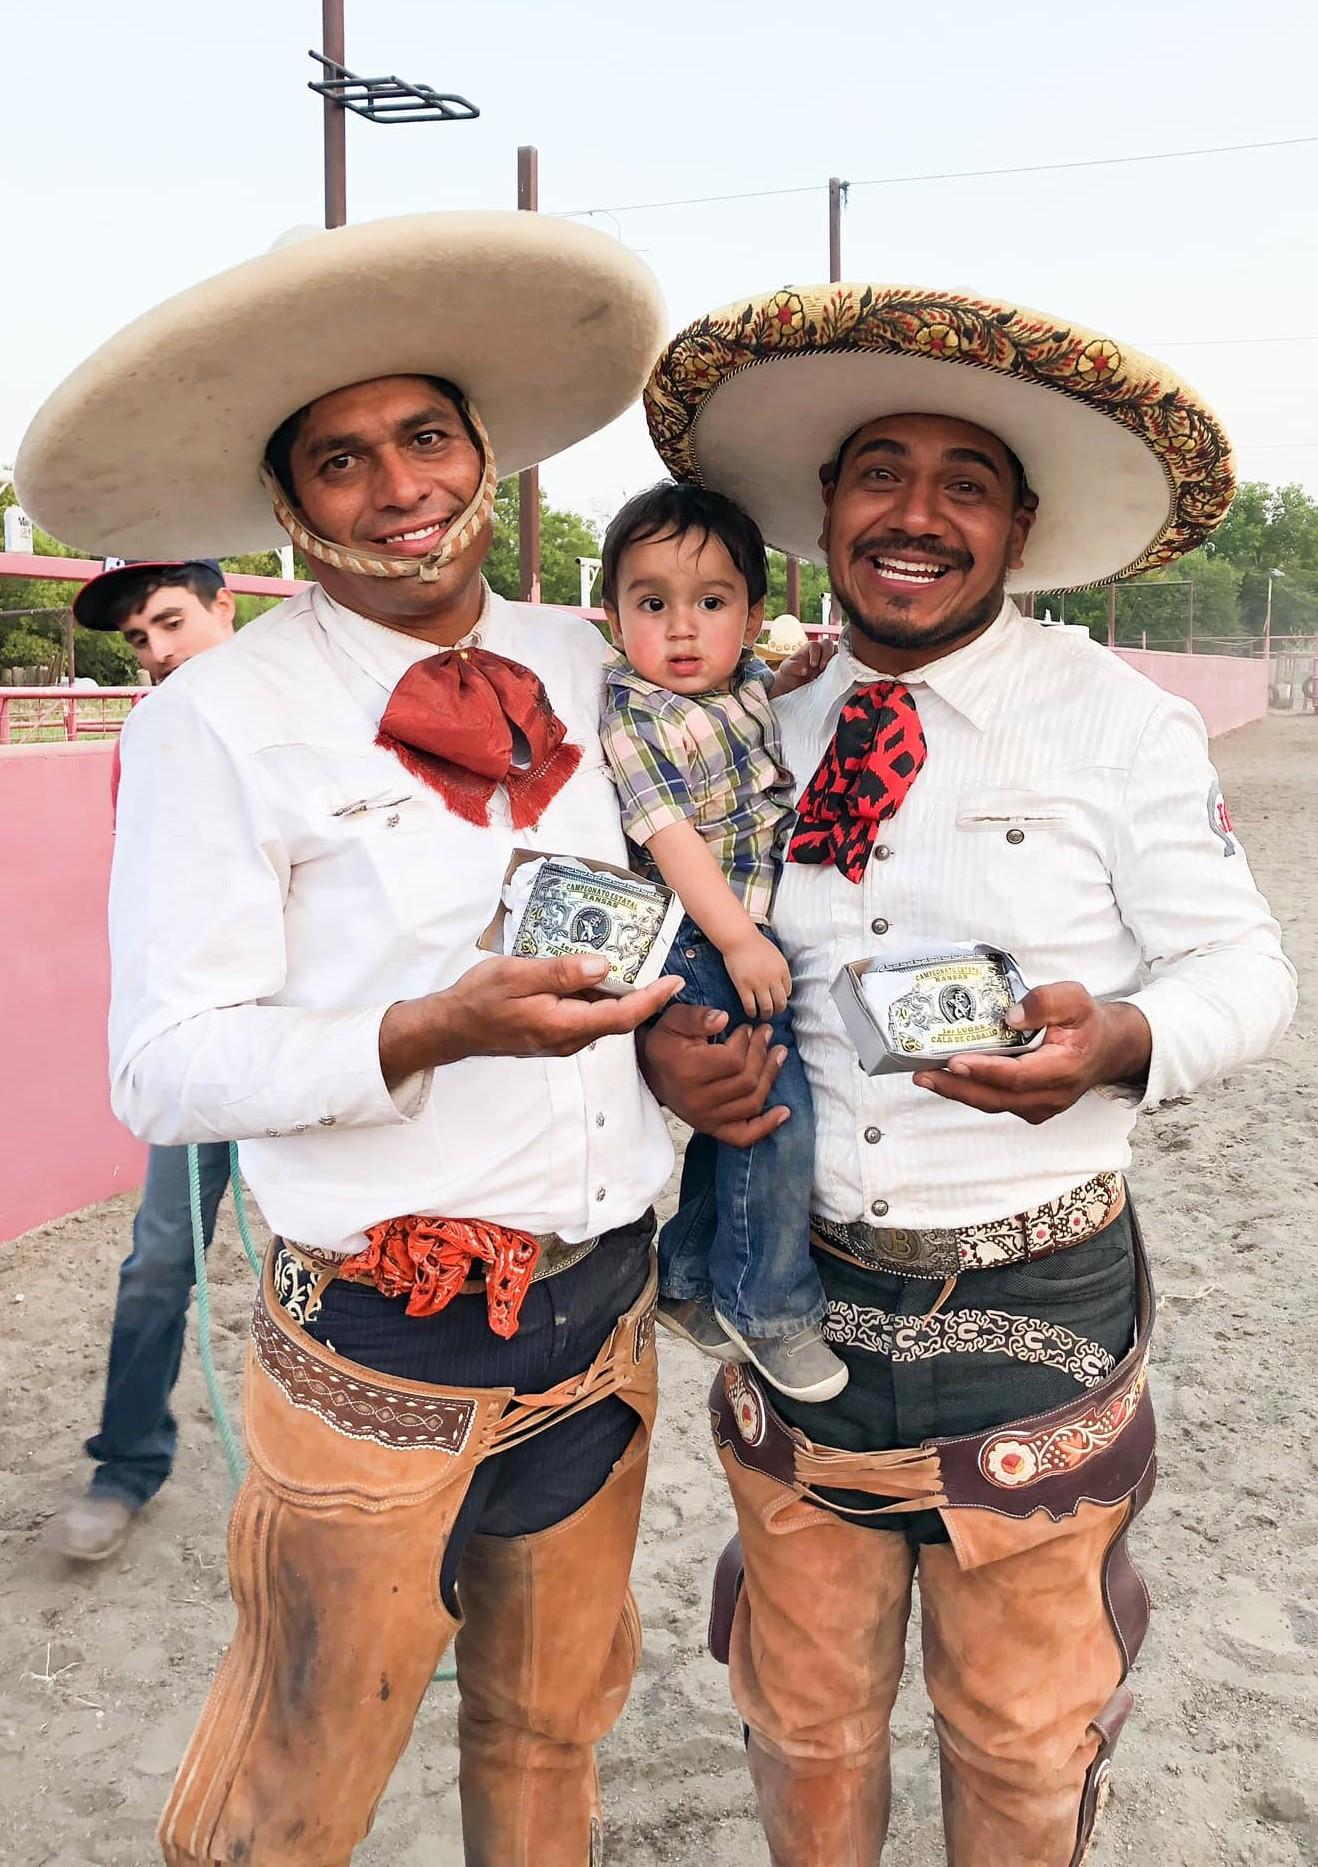 Jorge Seañez y Edgar Barrios, campeones estatales de Kansas en piales y cala de caballo, respectivamente